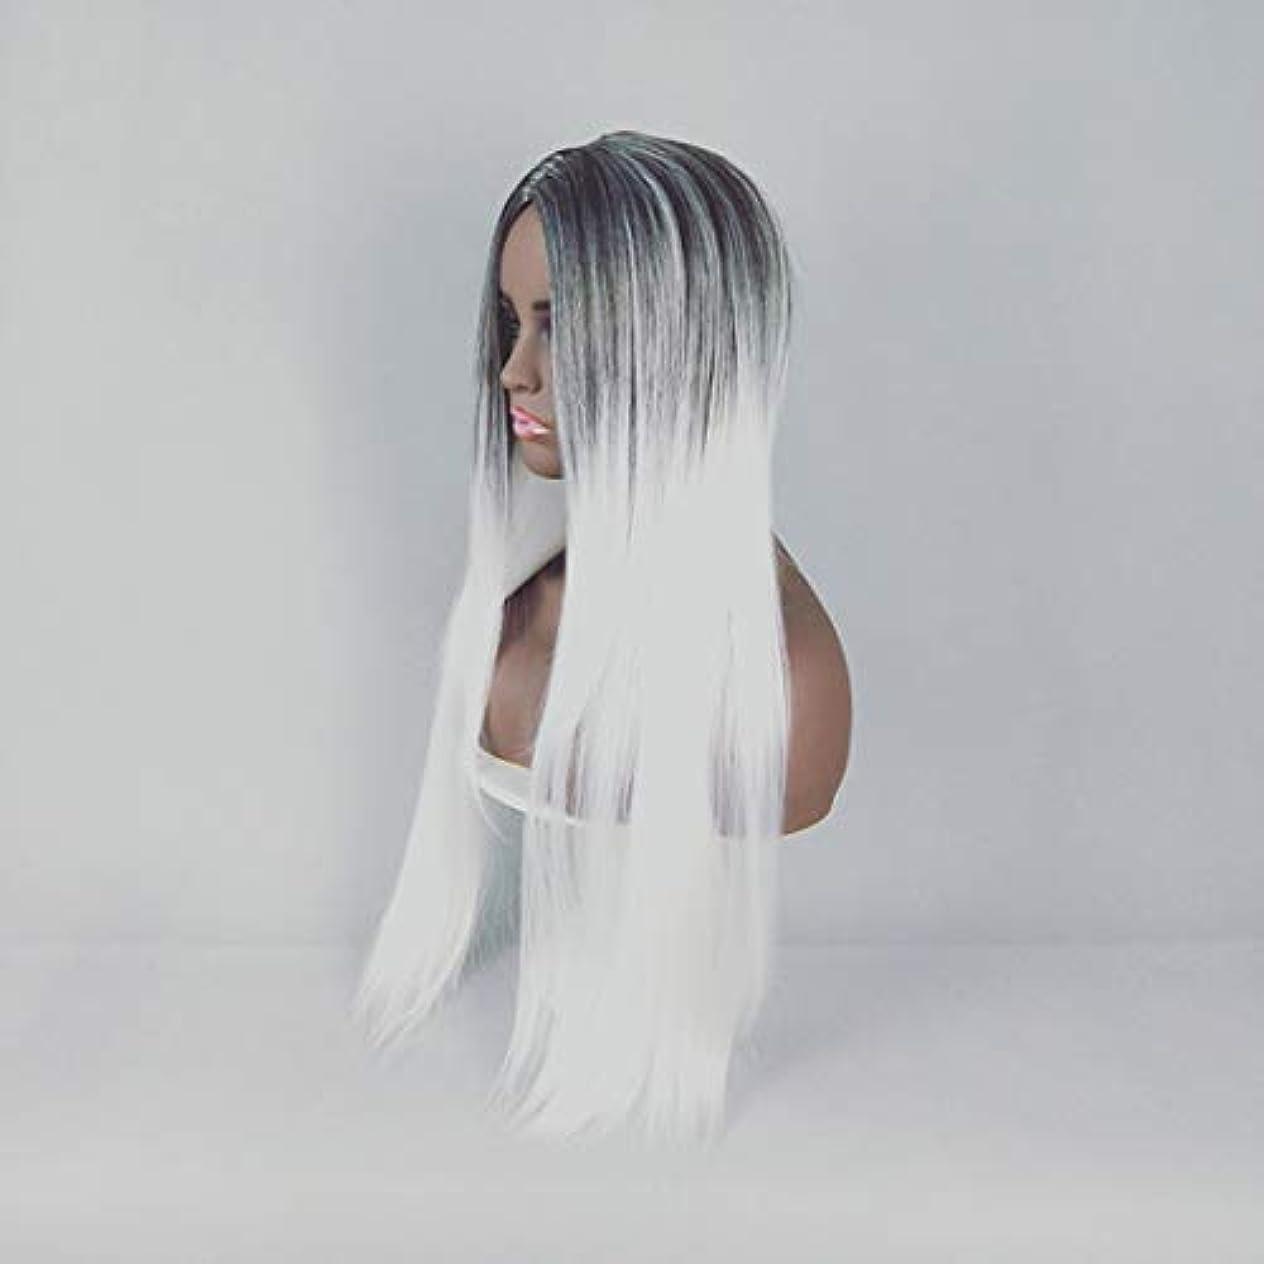 推進静める真剣にKerwinner 合成ストレートストレートヘアウィッグカラーグラデーションフルウィッグ女性のための前髪付き耐熱ウィッグロングウィッグコスプレ/パーティー用 (Color : White)